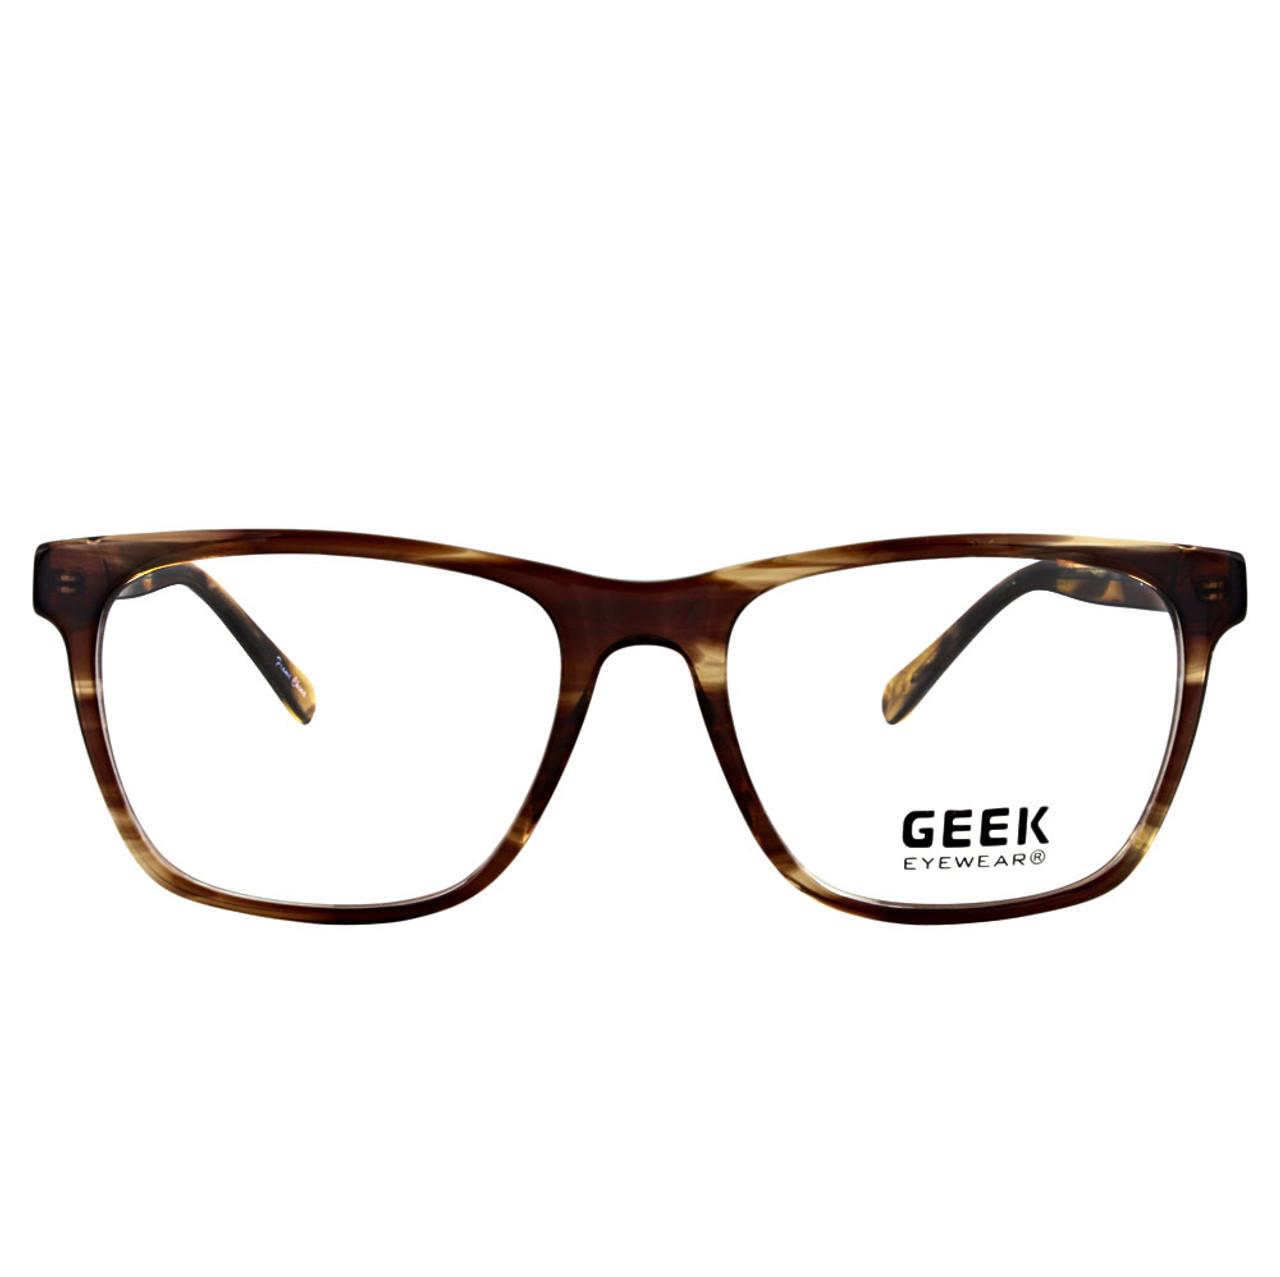 GEEK Eyewear Style BOSS